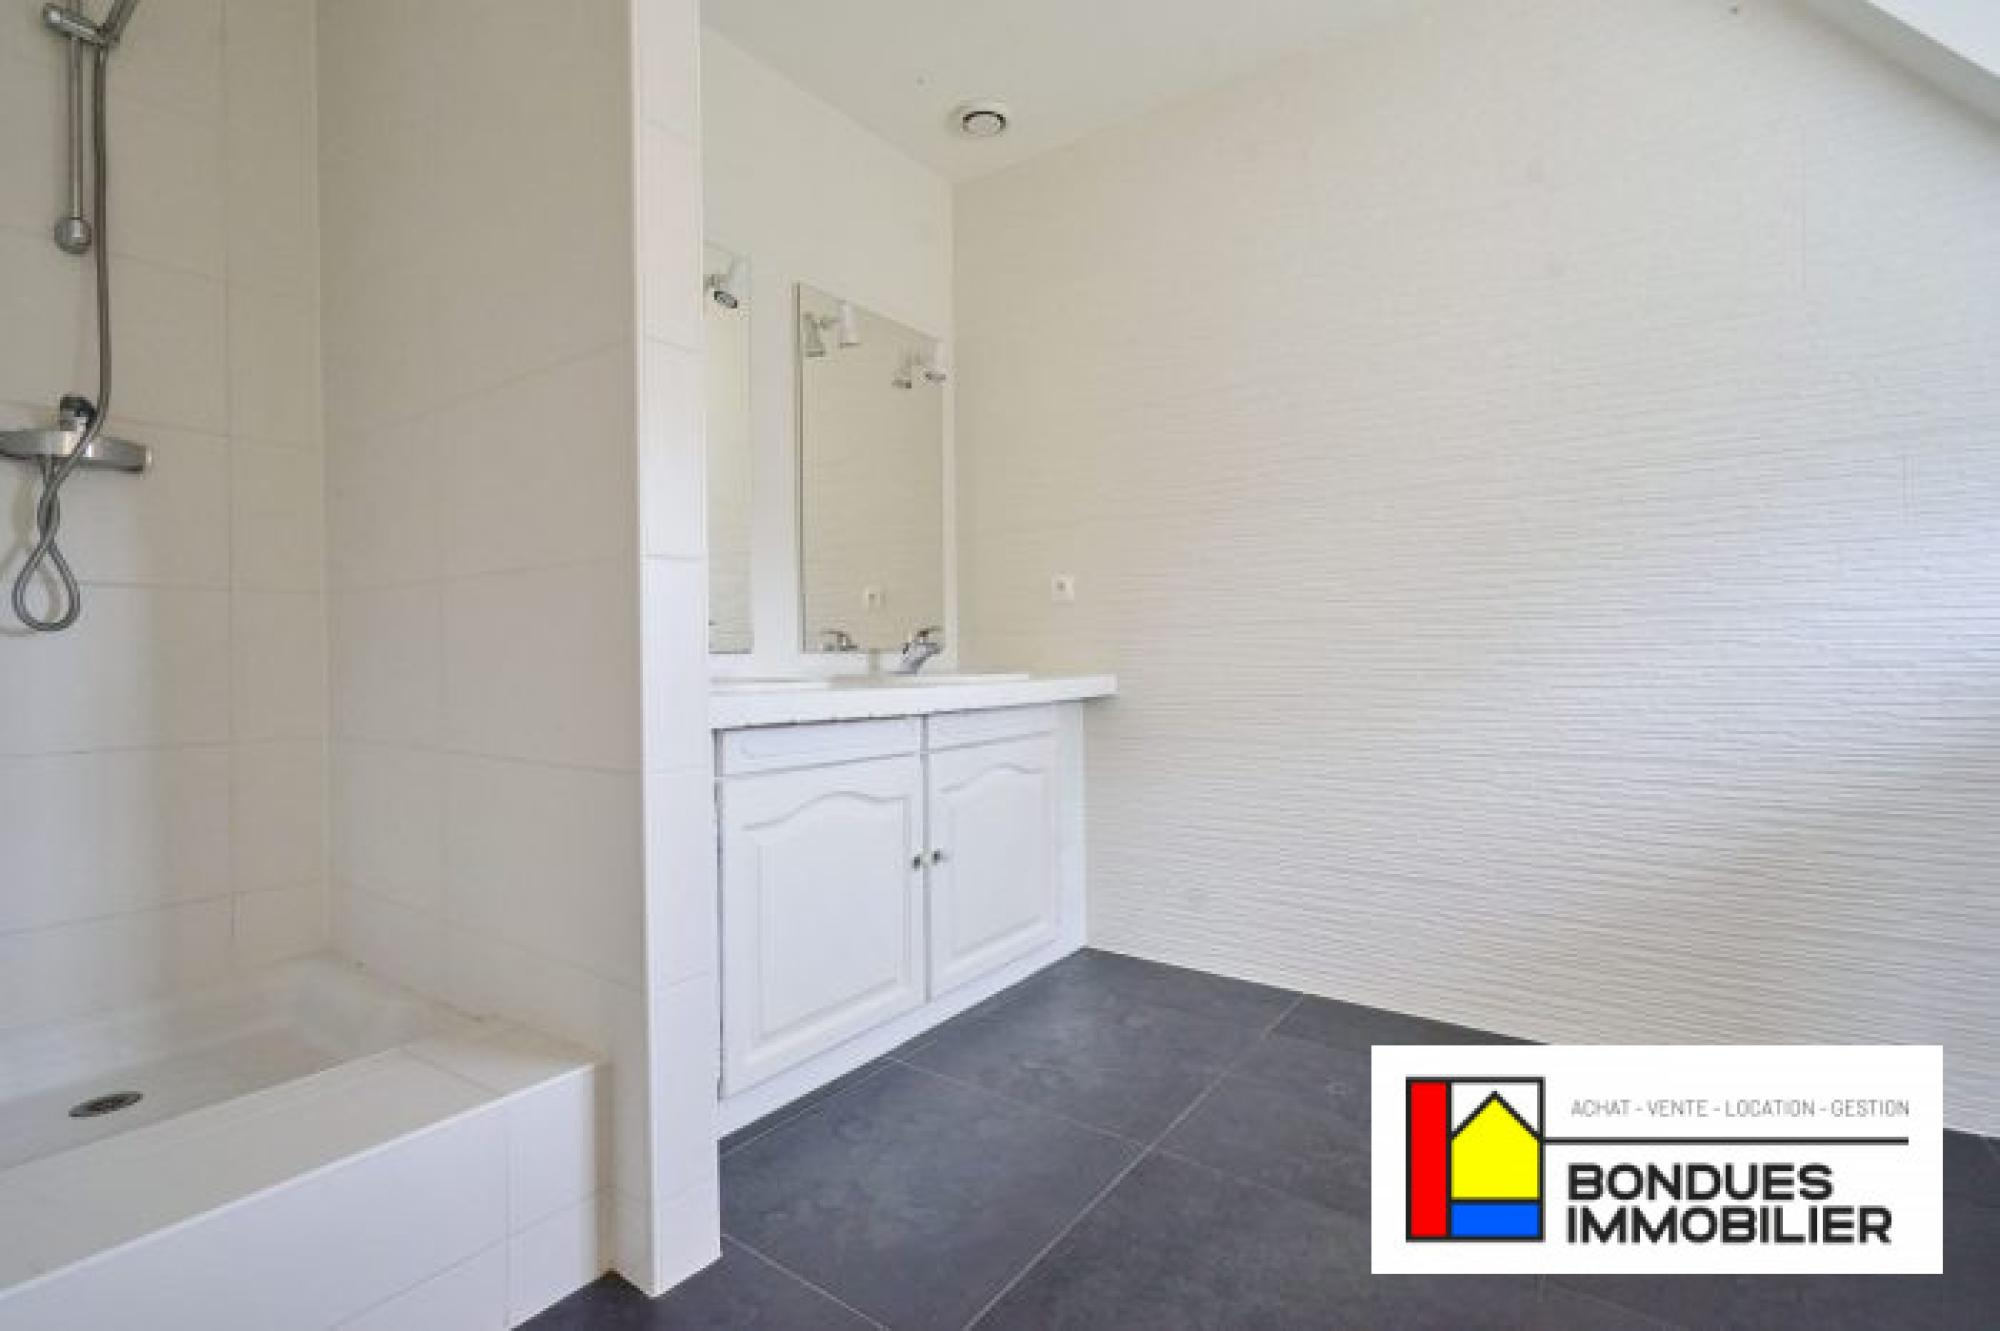 vente maison bondues refVM420 (16)